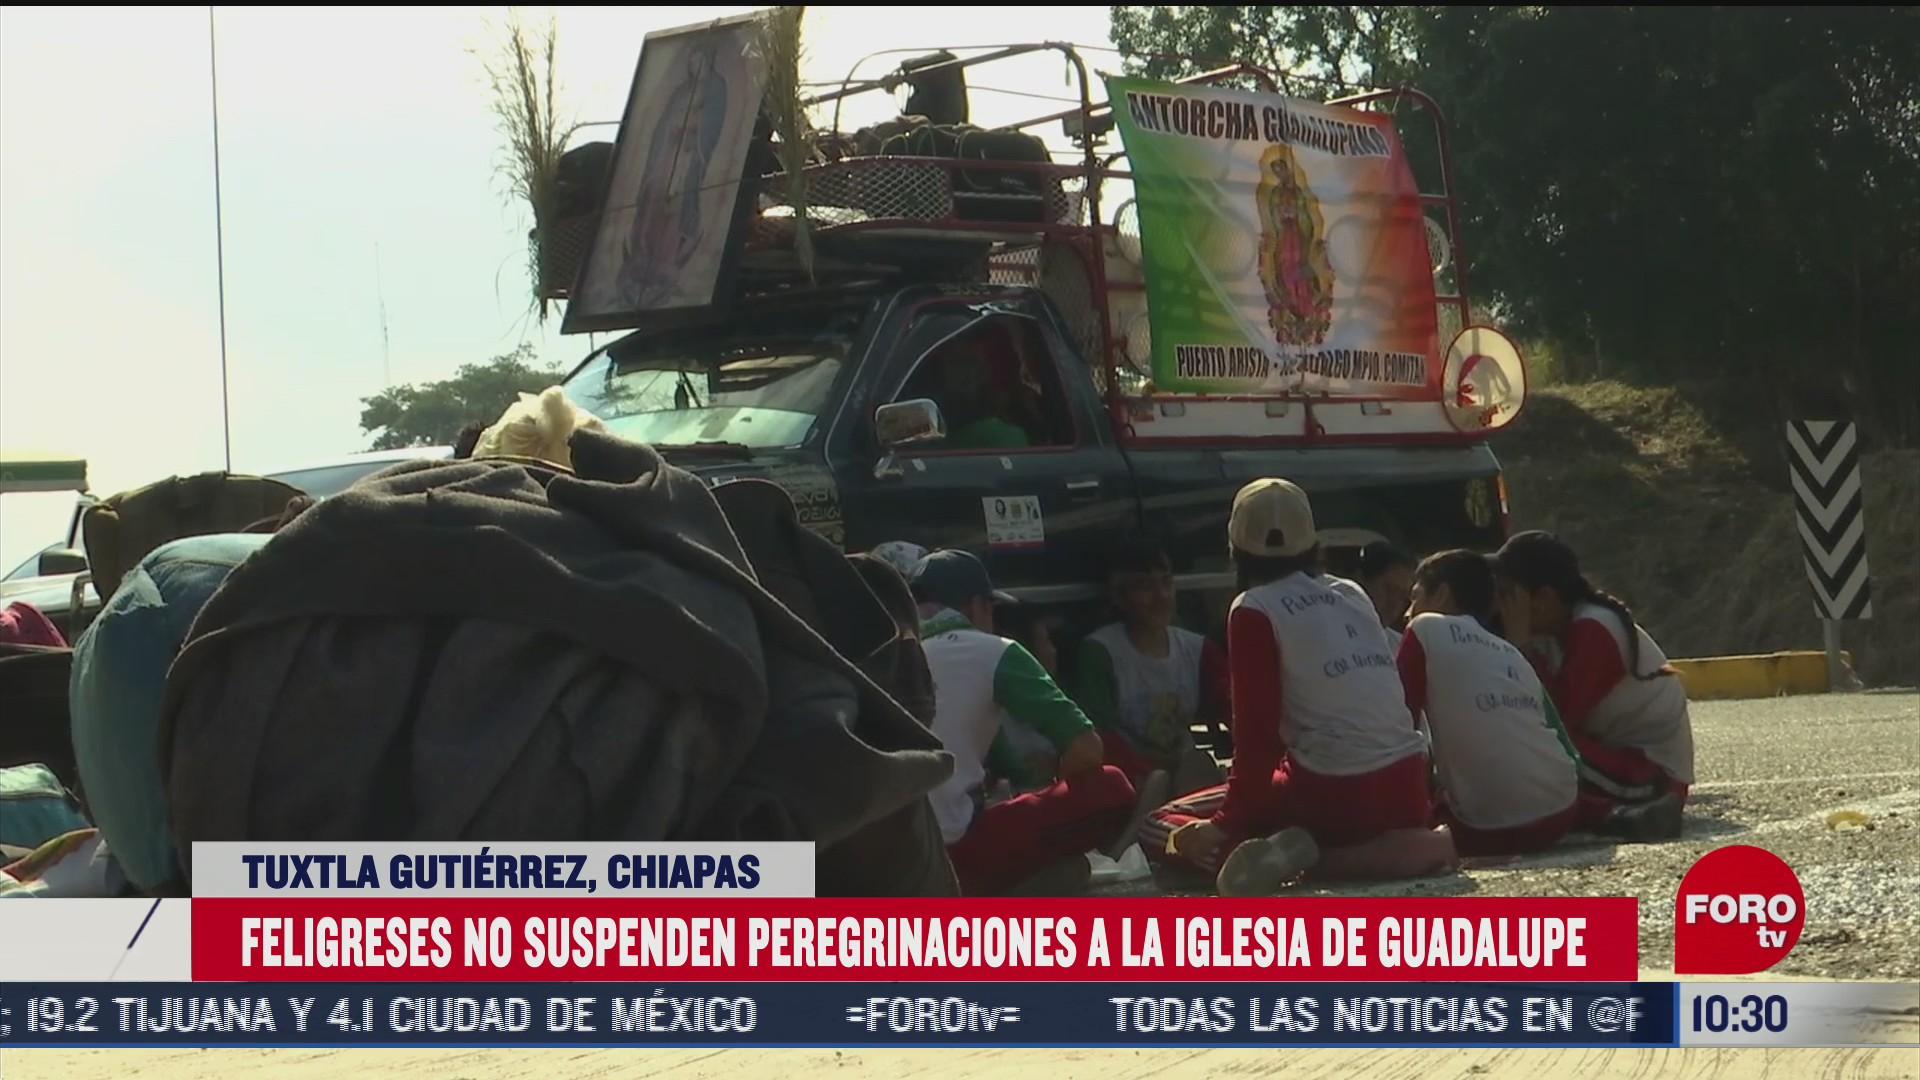 restringen acceso a peregrinaciones en iglesia de guadalupe en tuxtla gutierrez